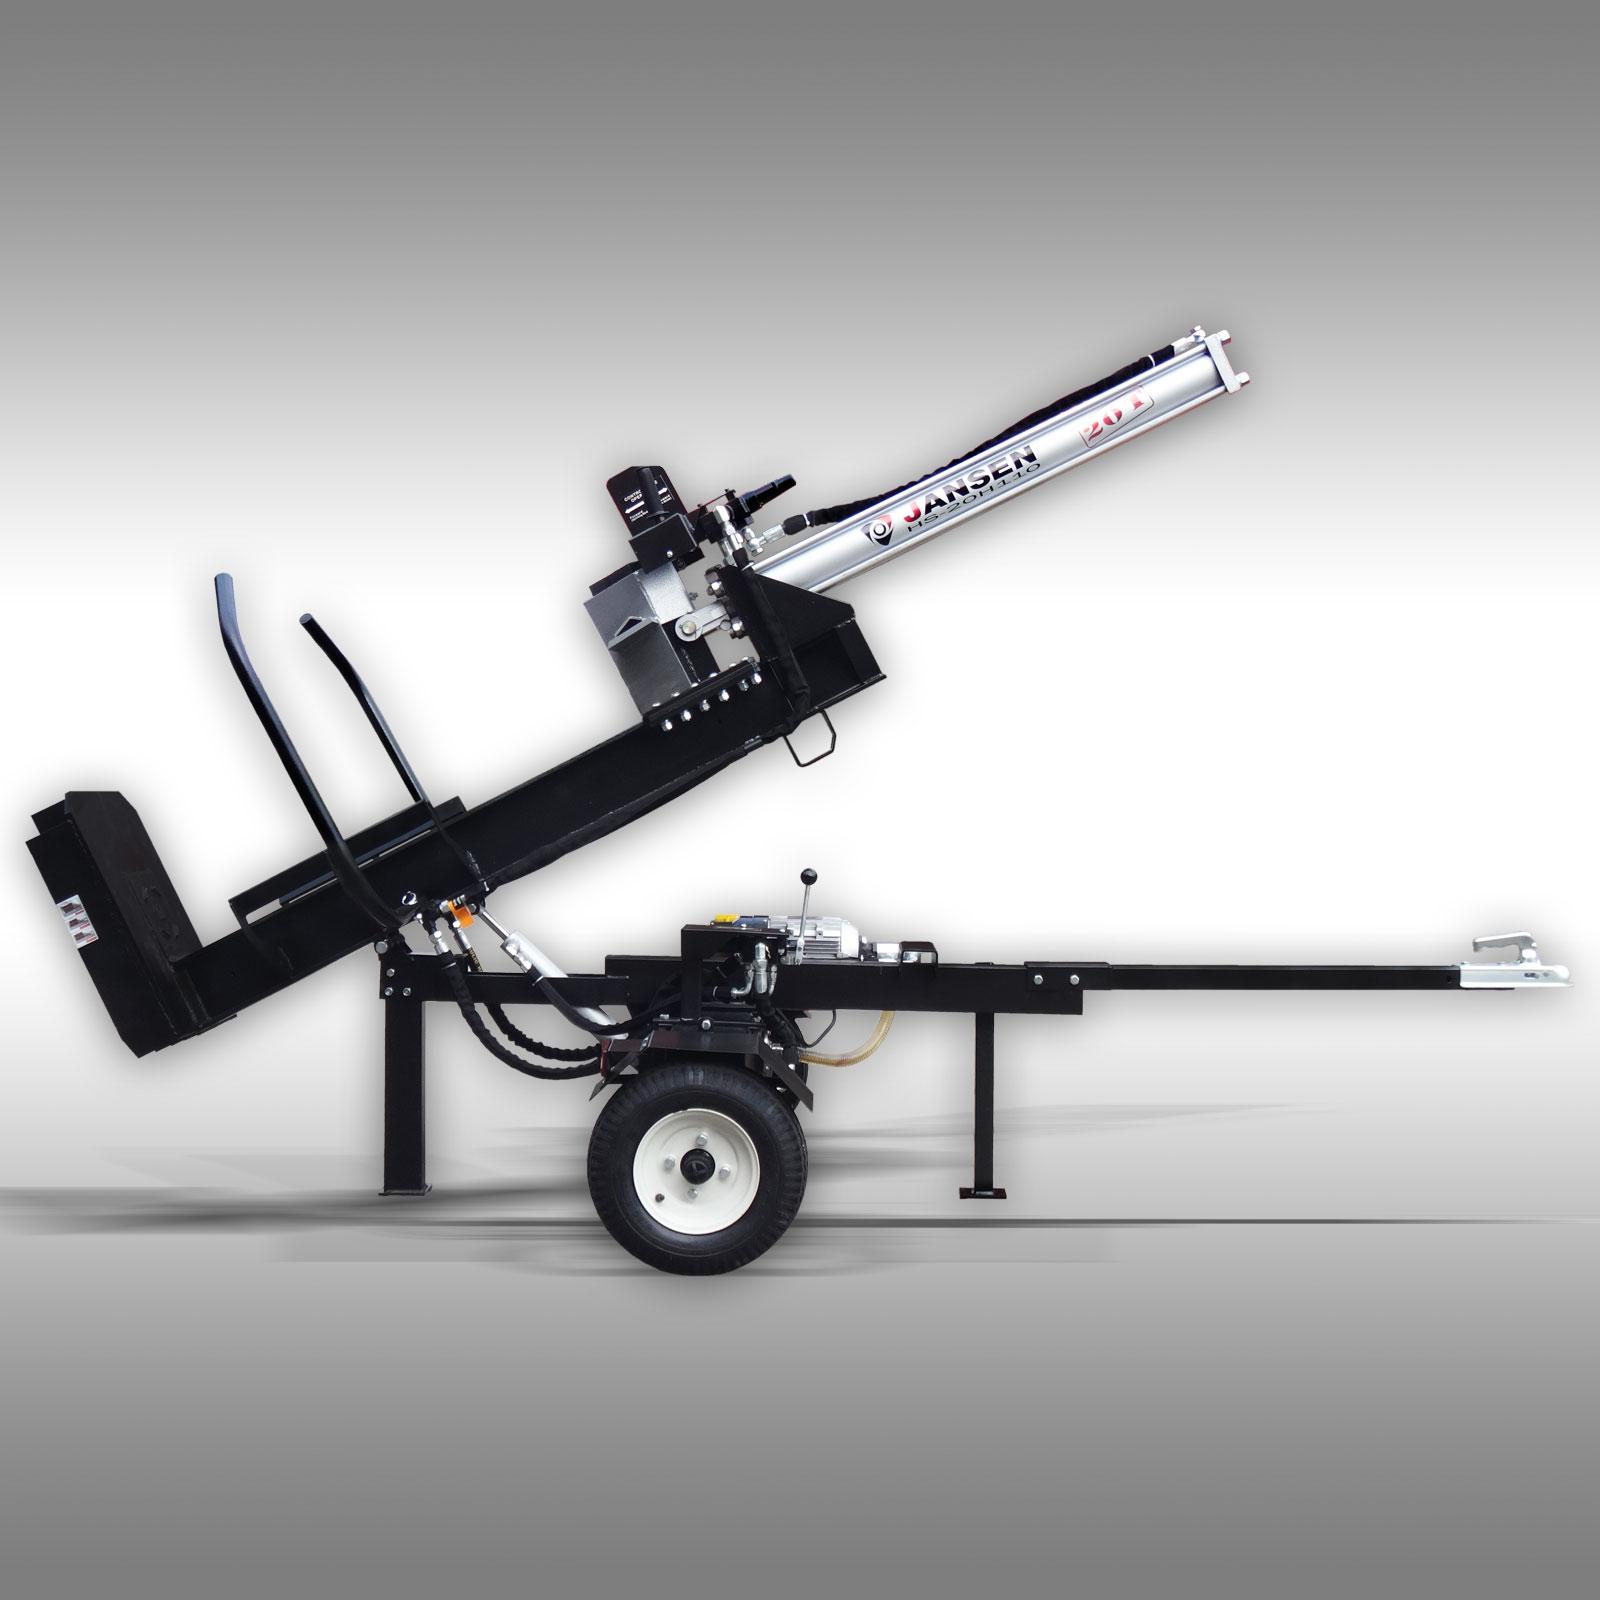 Jansen Houtklover HS-20H110E elek., 20 t, 110cm, hydr. Kiepsysteem, Kloofmachine